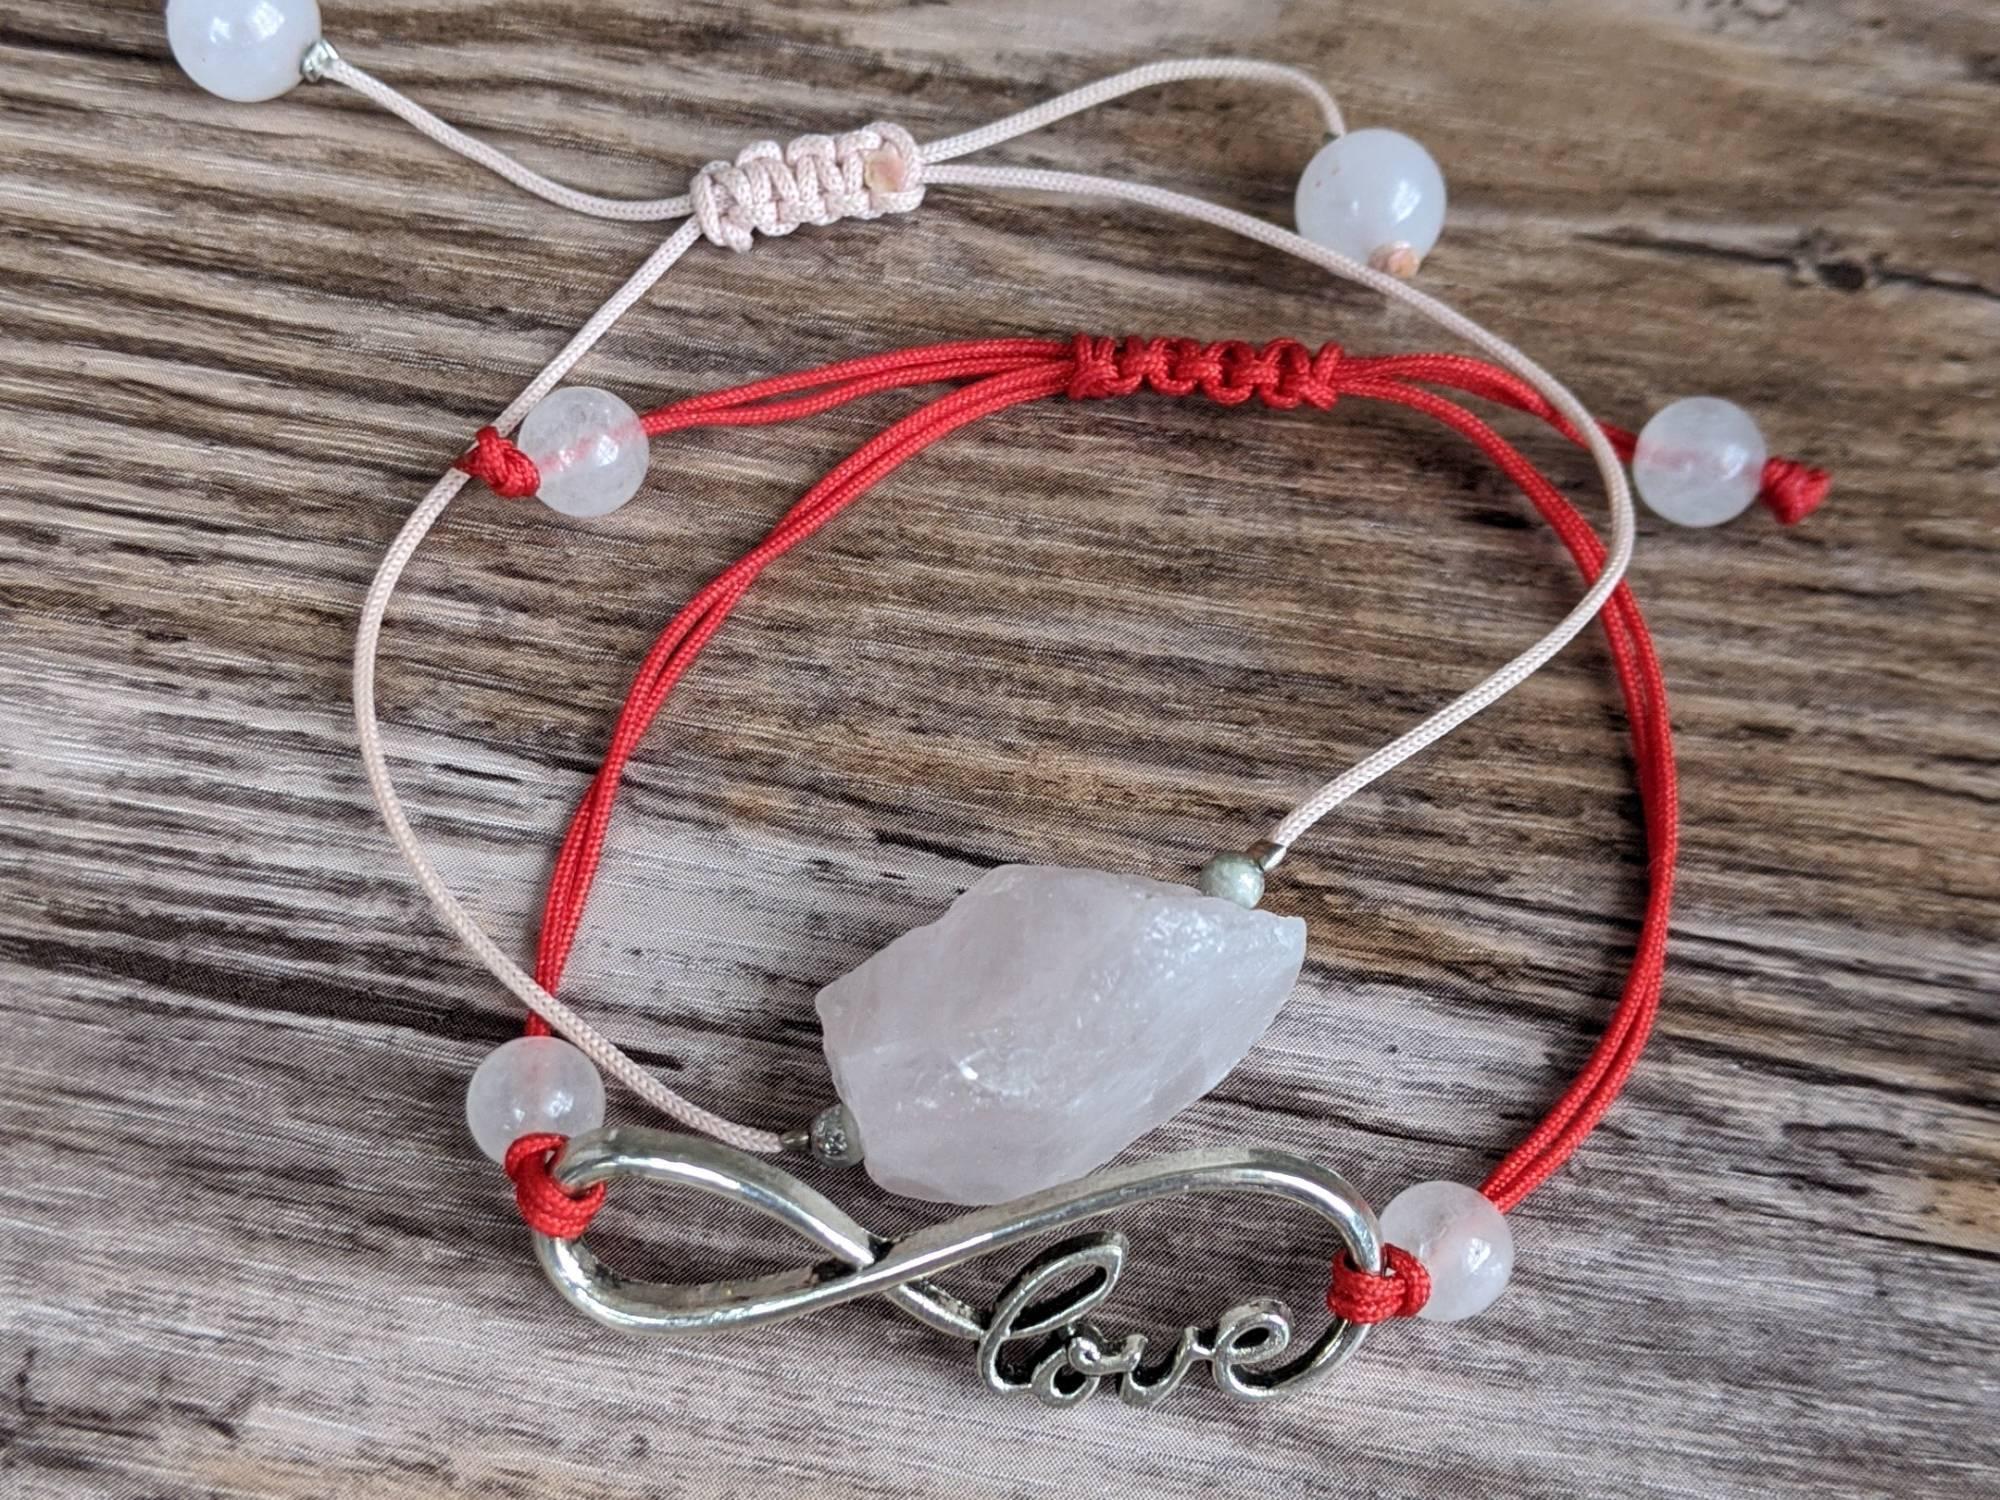 Заговор на красную нить: какие слова говорить при завязывании узелков оберега на запястье